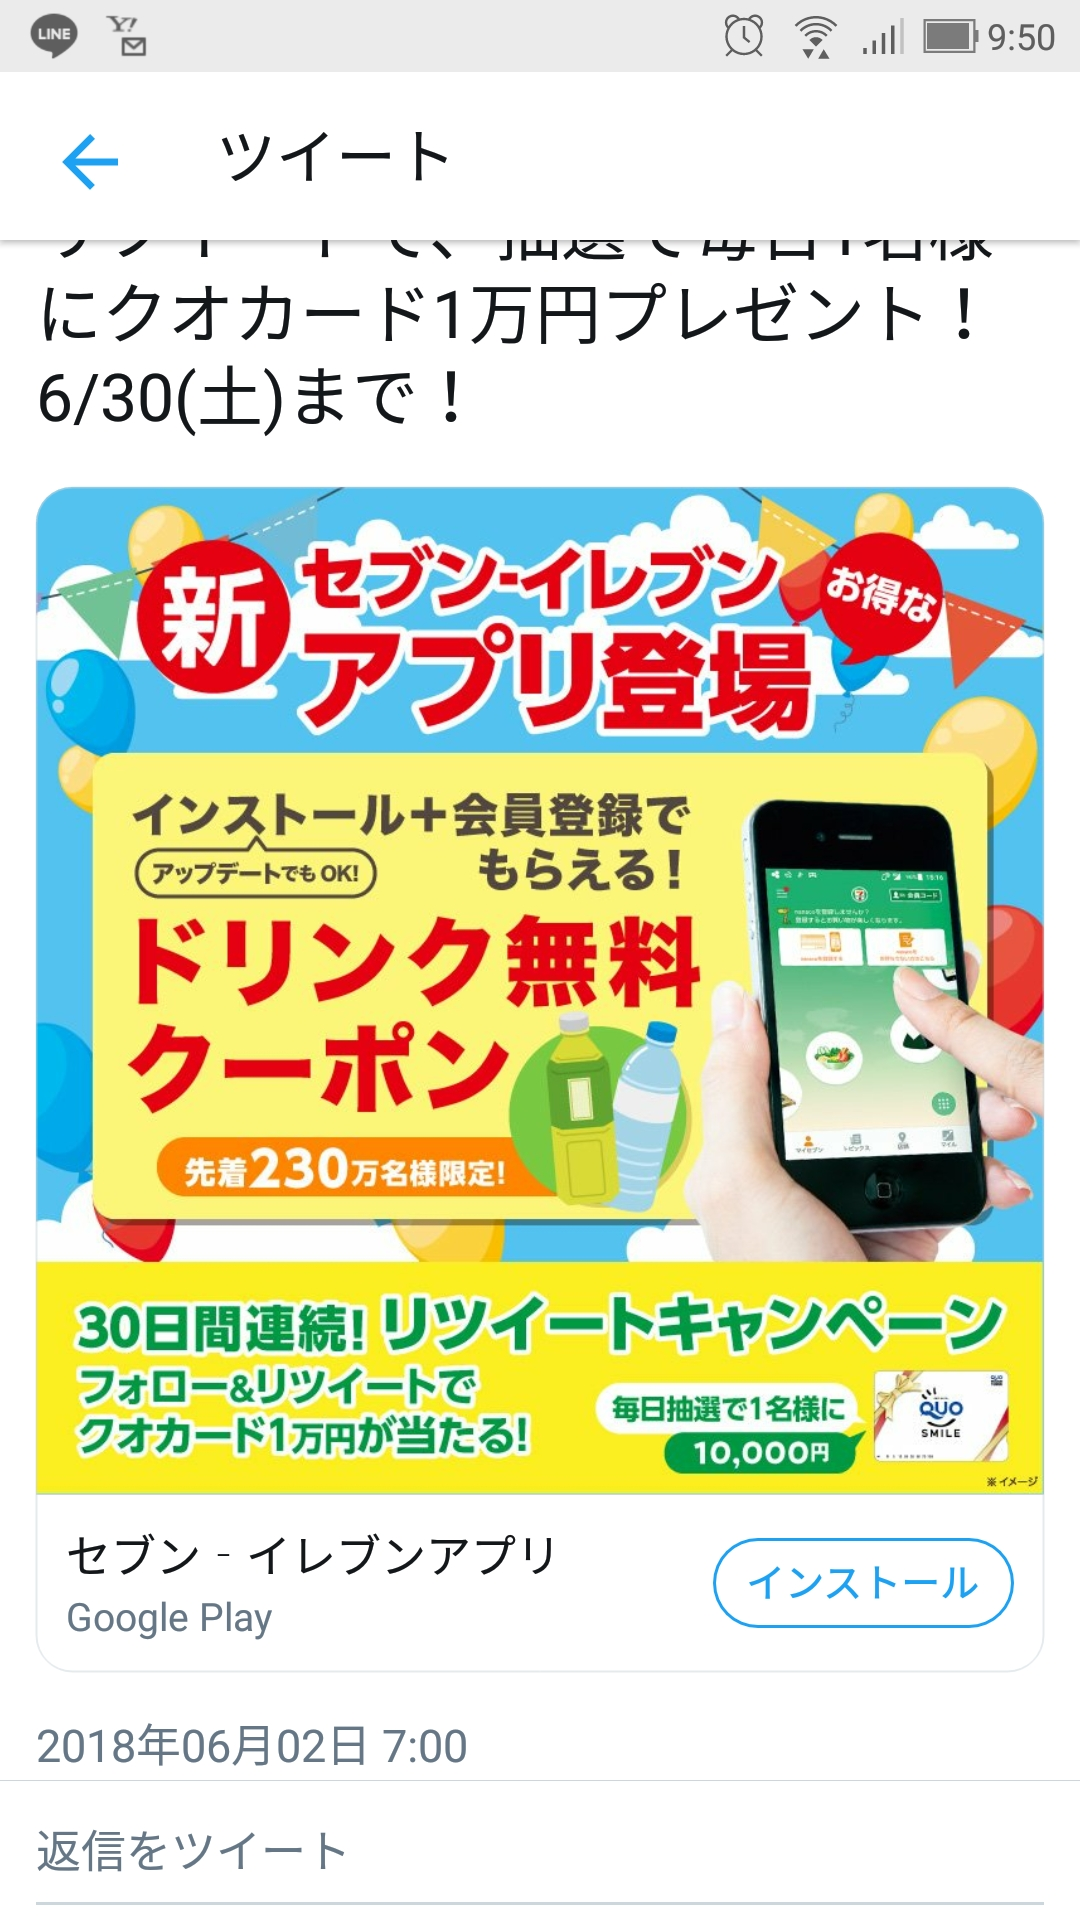 【セブン】先着230万人セブンアプリ登録でドリンクもらえちゃうよ!